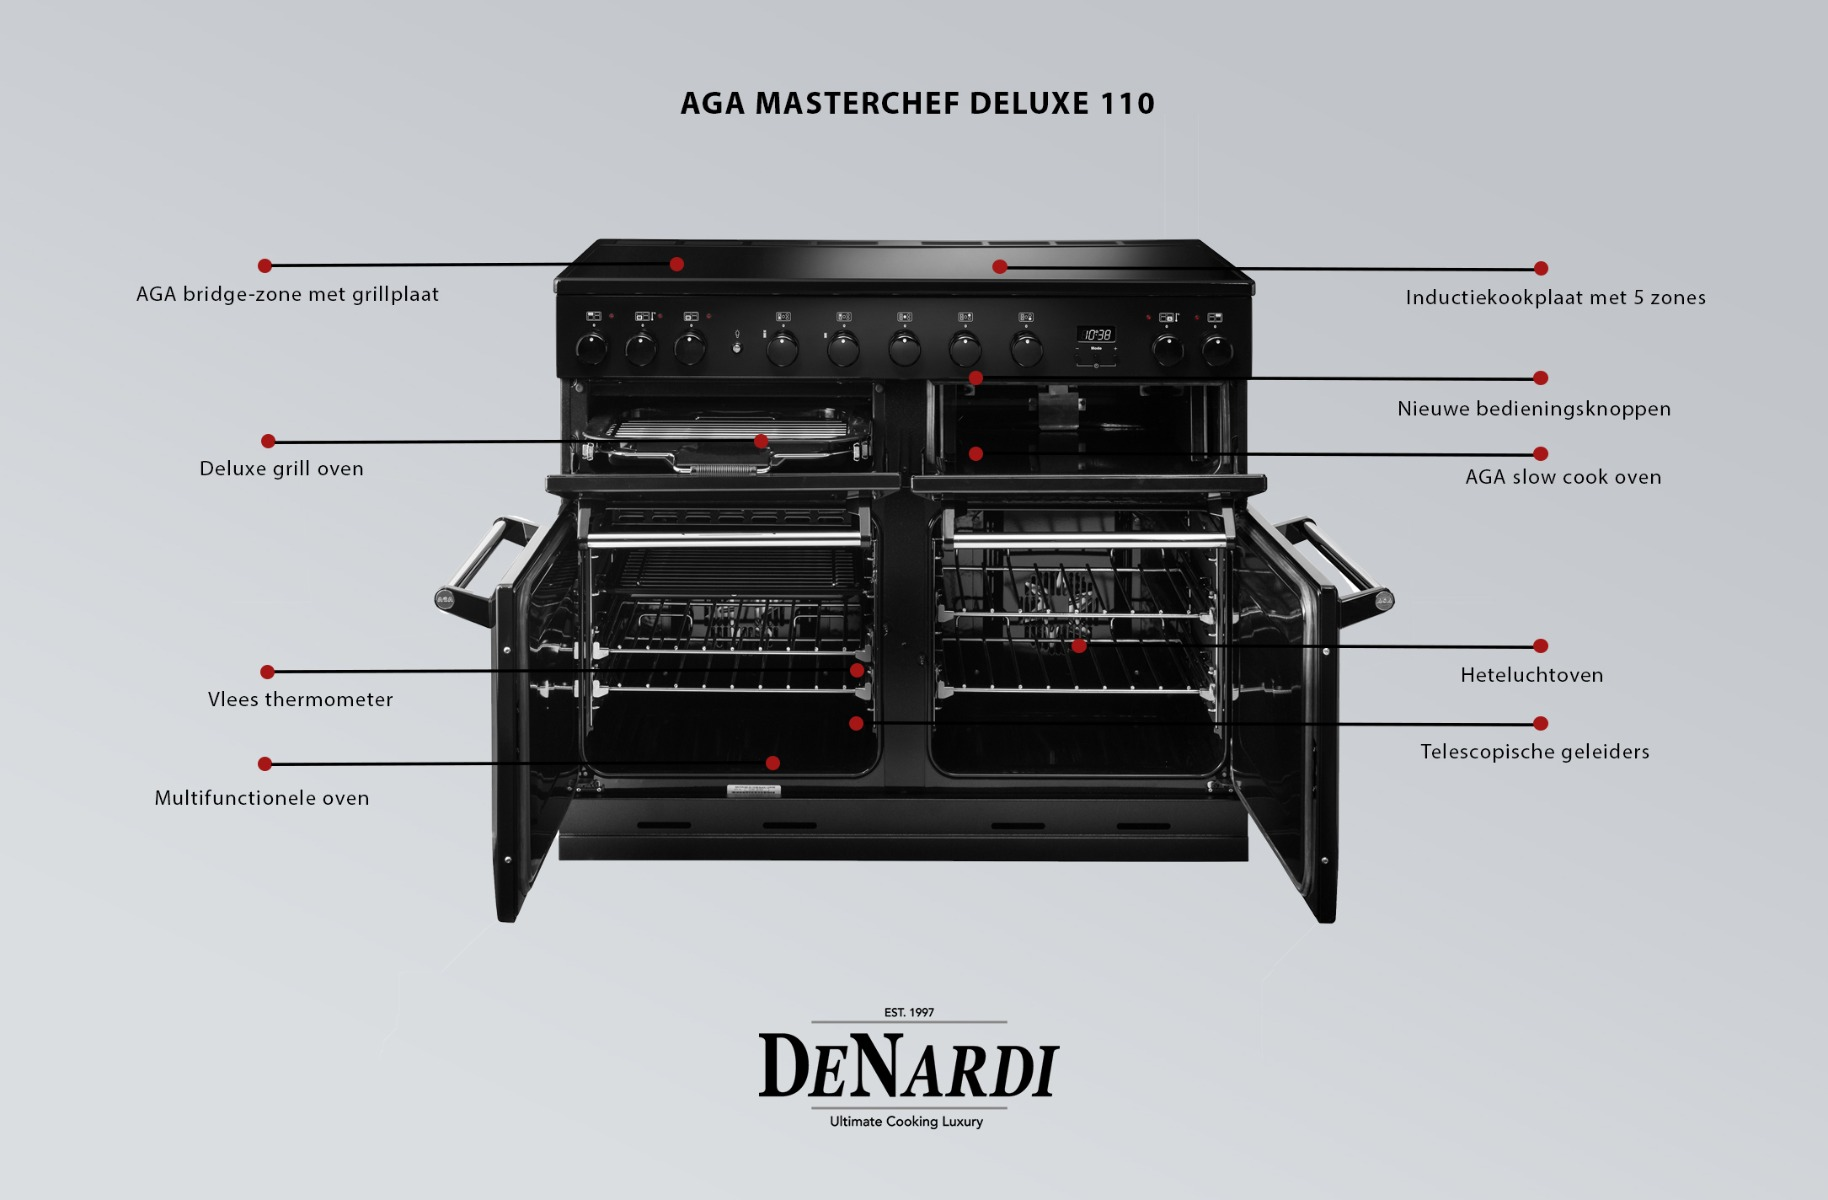 AGA Masterchef Deluxe 110